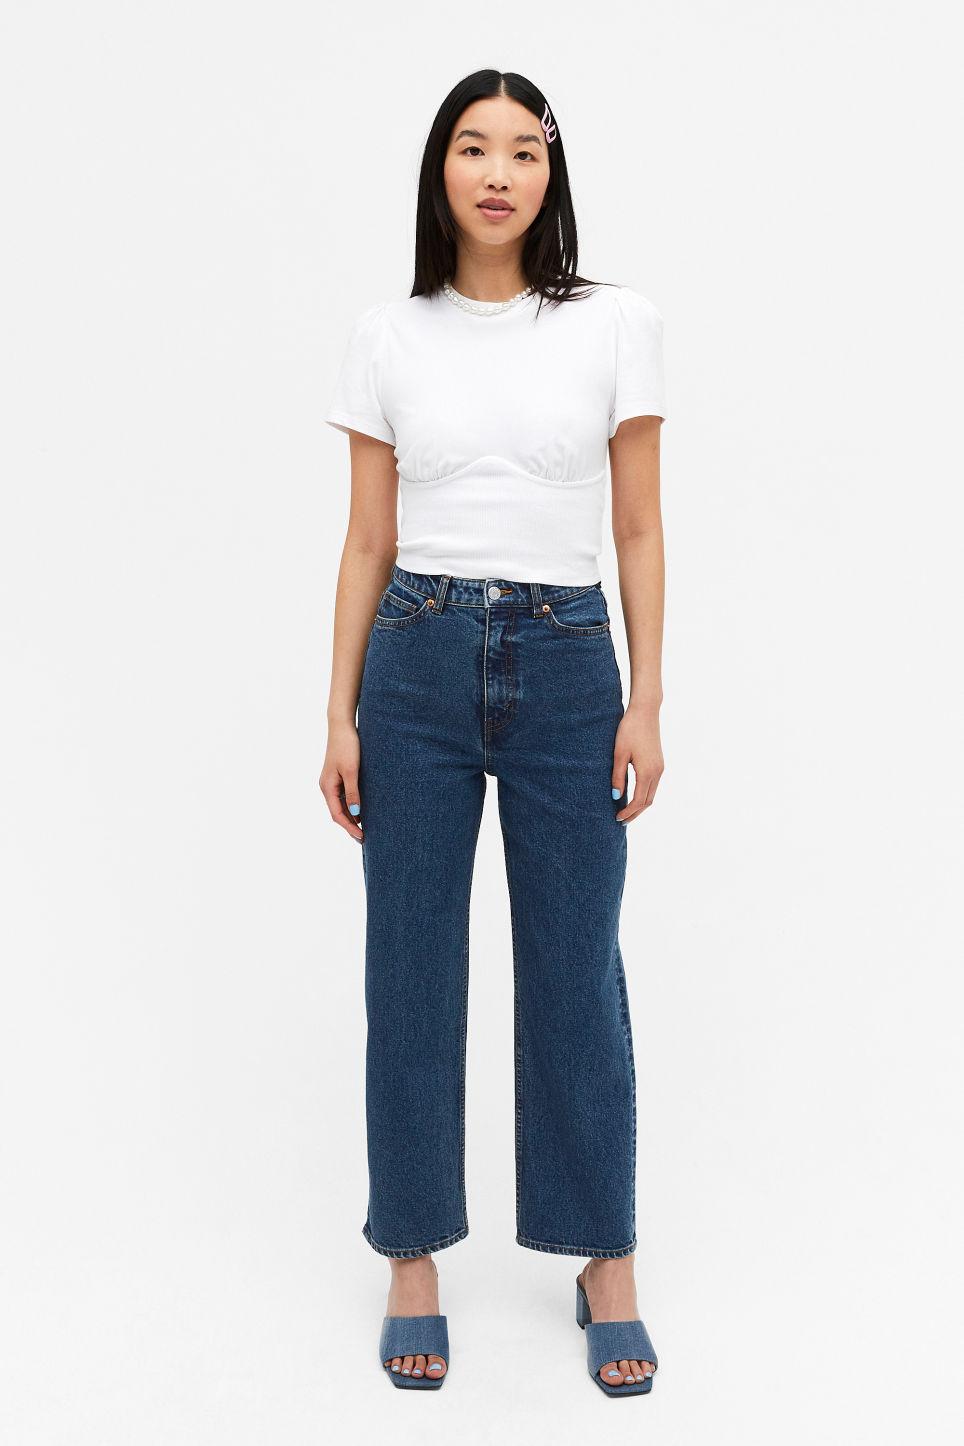 Blå jeans uten dilldall